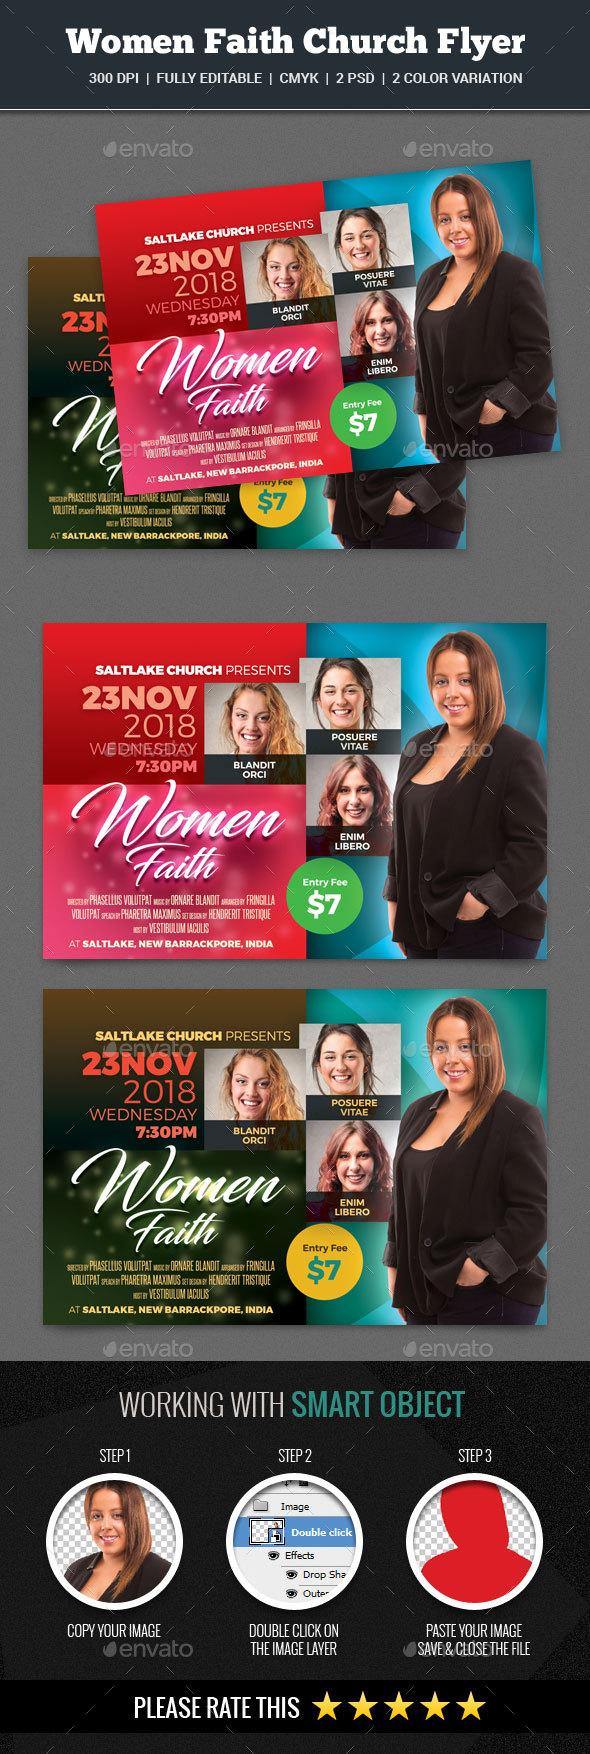 Women Faith Church Flyer - Church Flyers